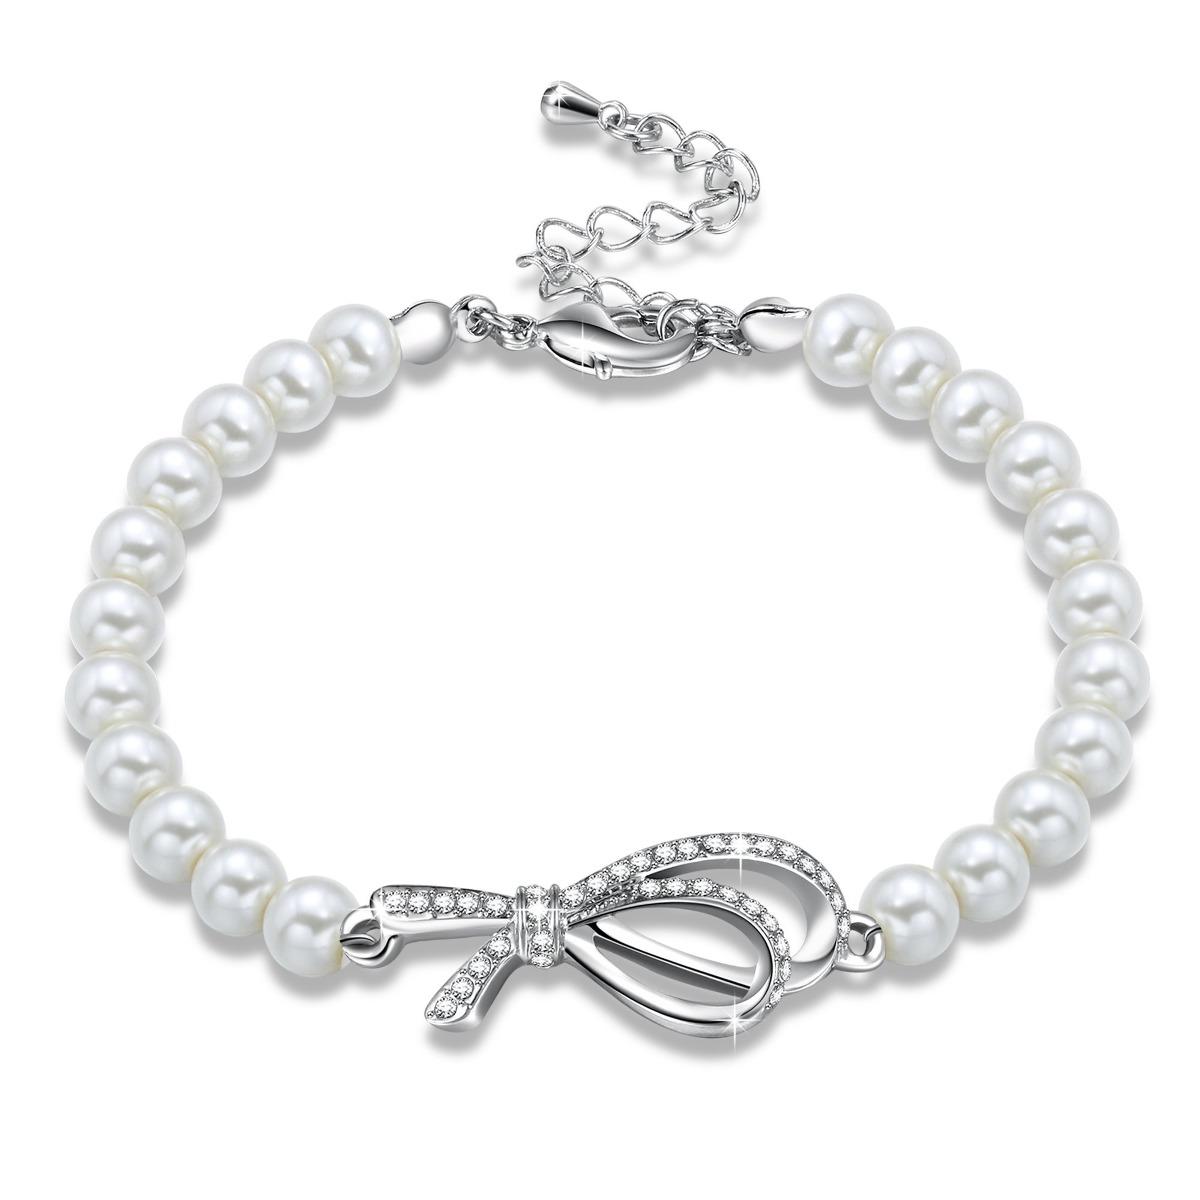 21bc99a9efc9 george smith forever young pulsera de perlas blancas cu. Cargando zoom.